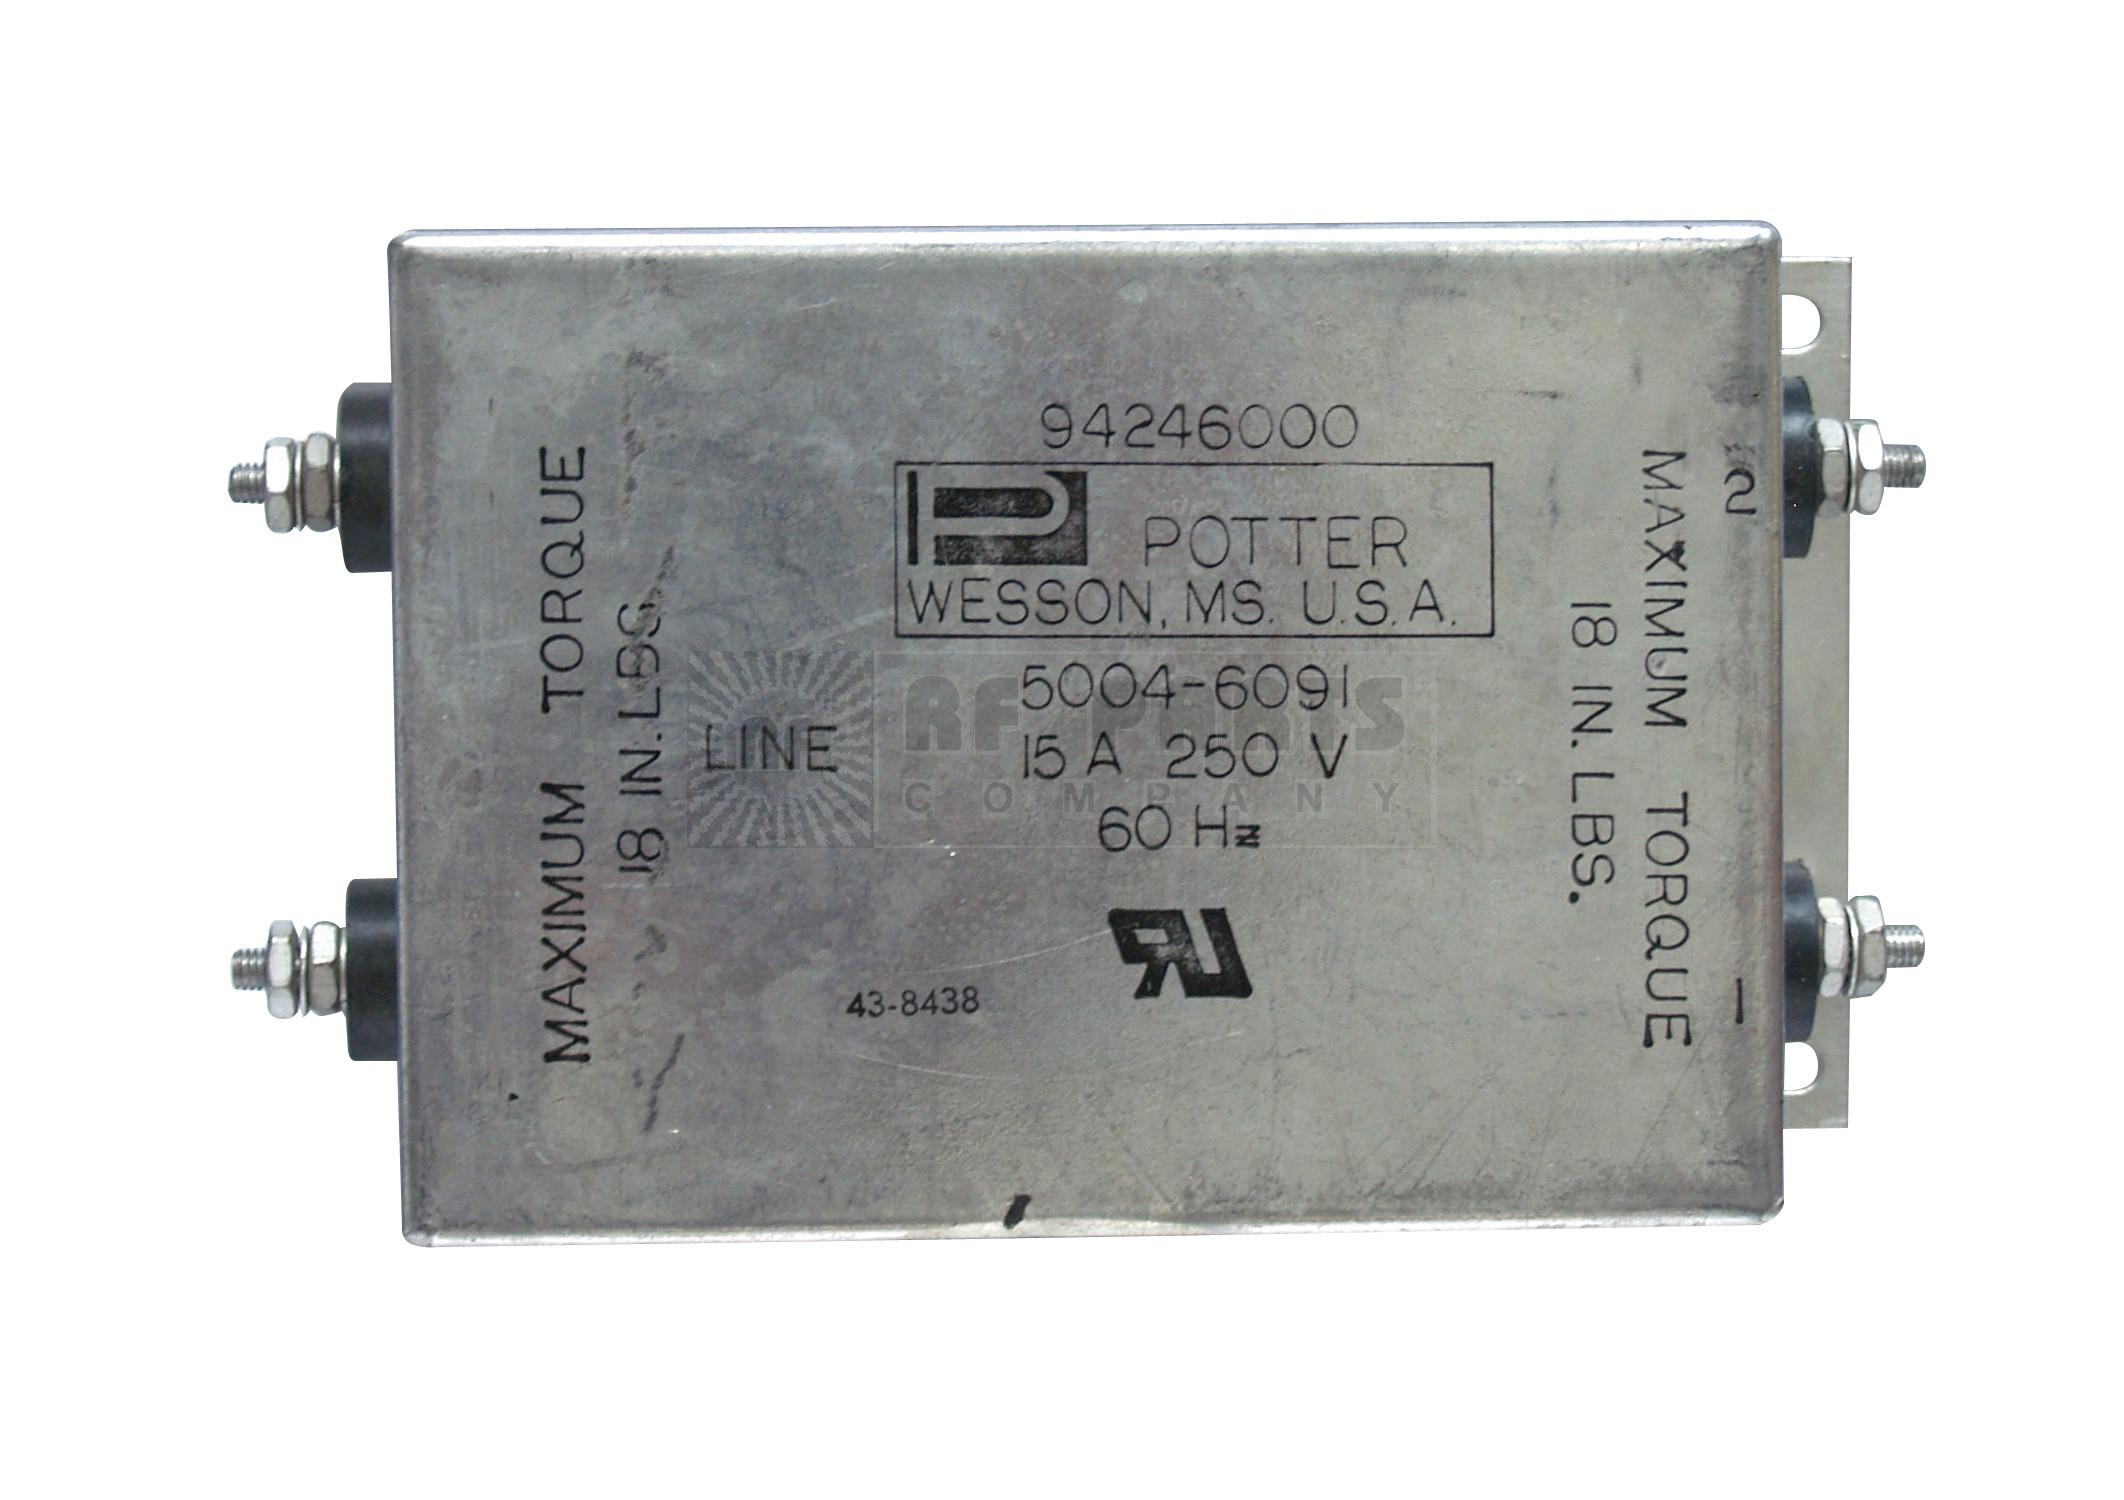 5004-6091 Filter, emi, 15a 250 vac max